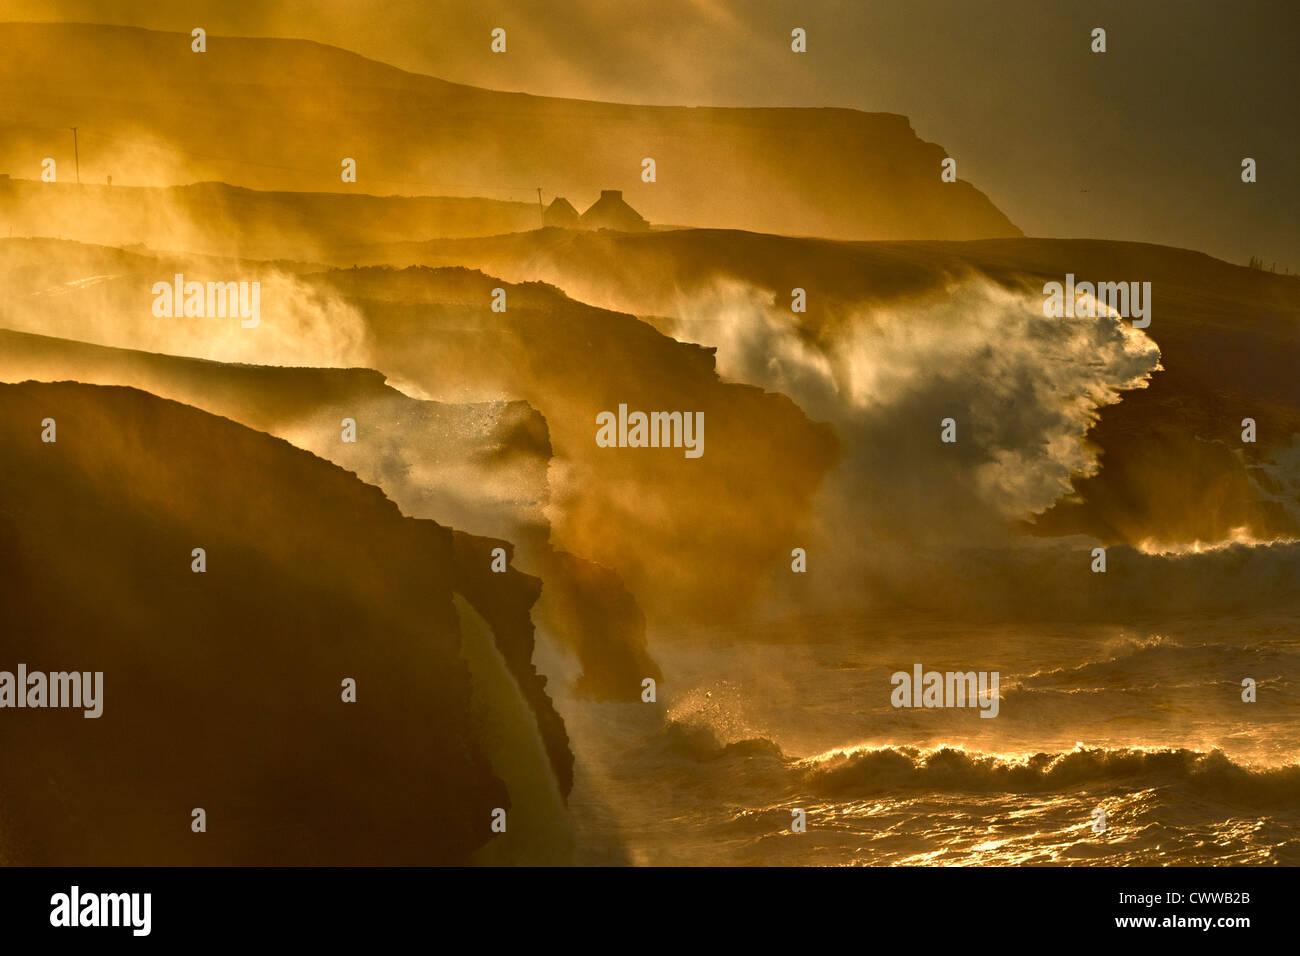 Le onde che si infrangono sulle scogliere rocciose Immagini Stock